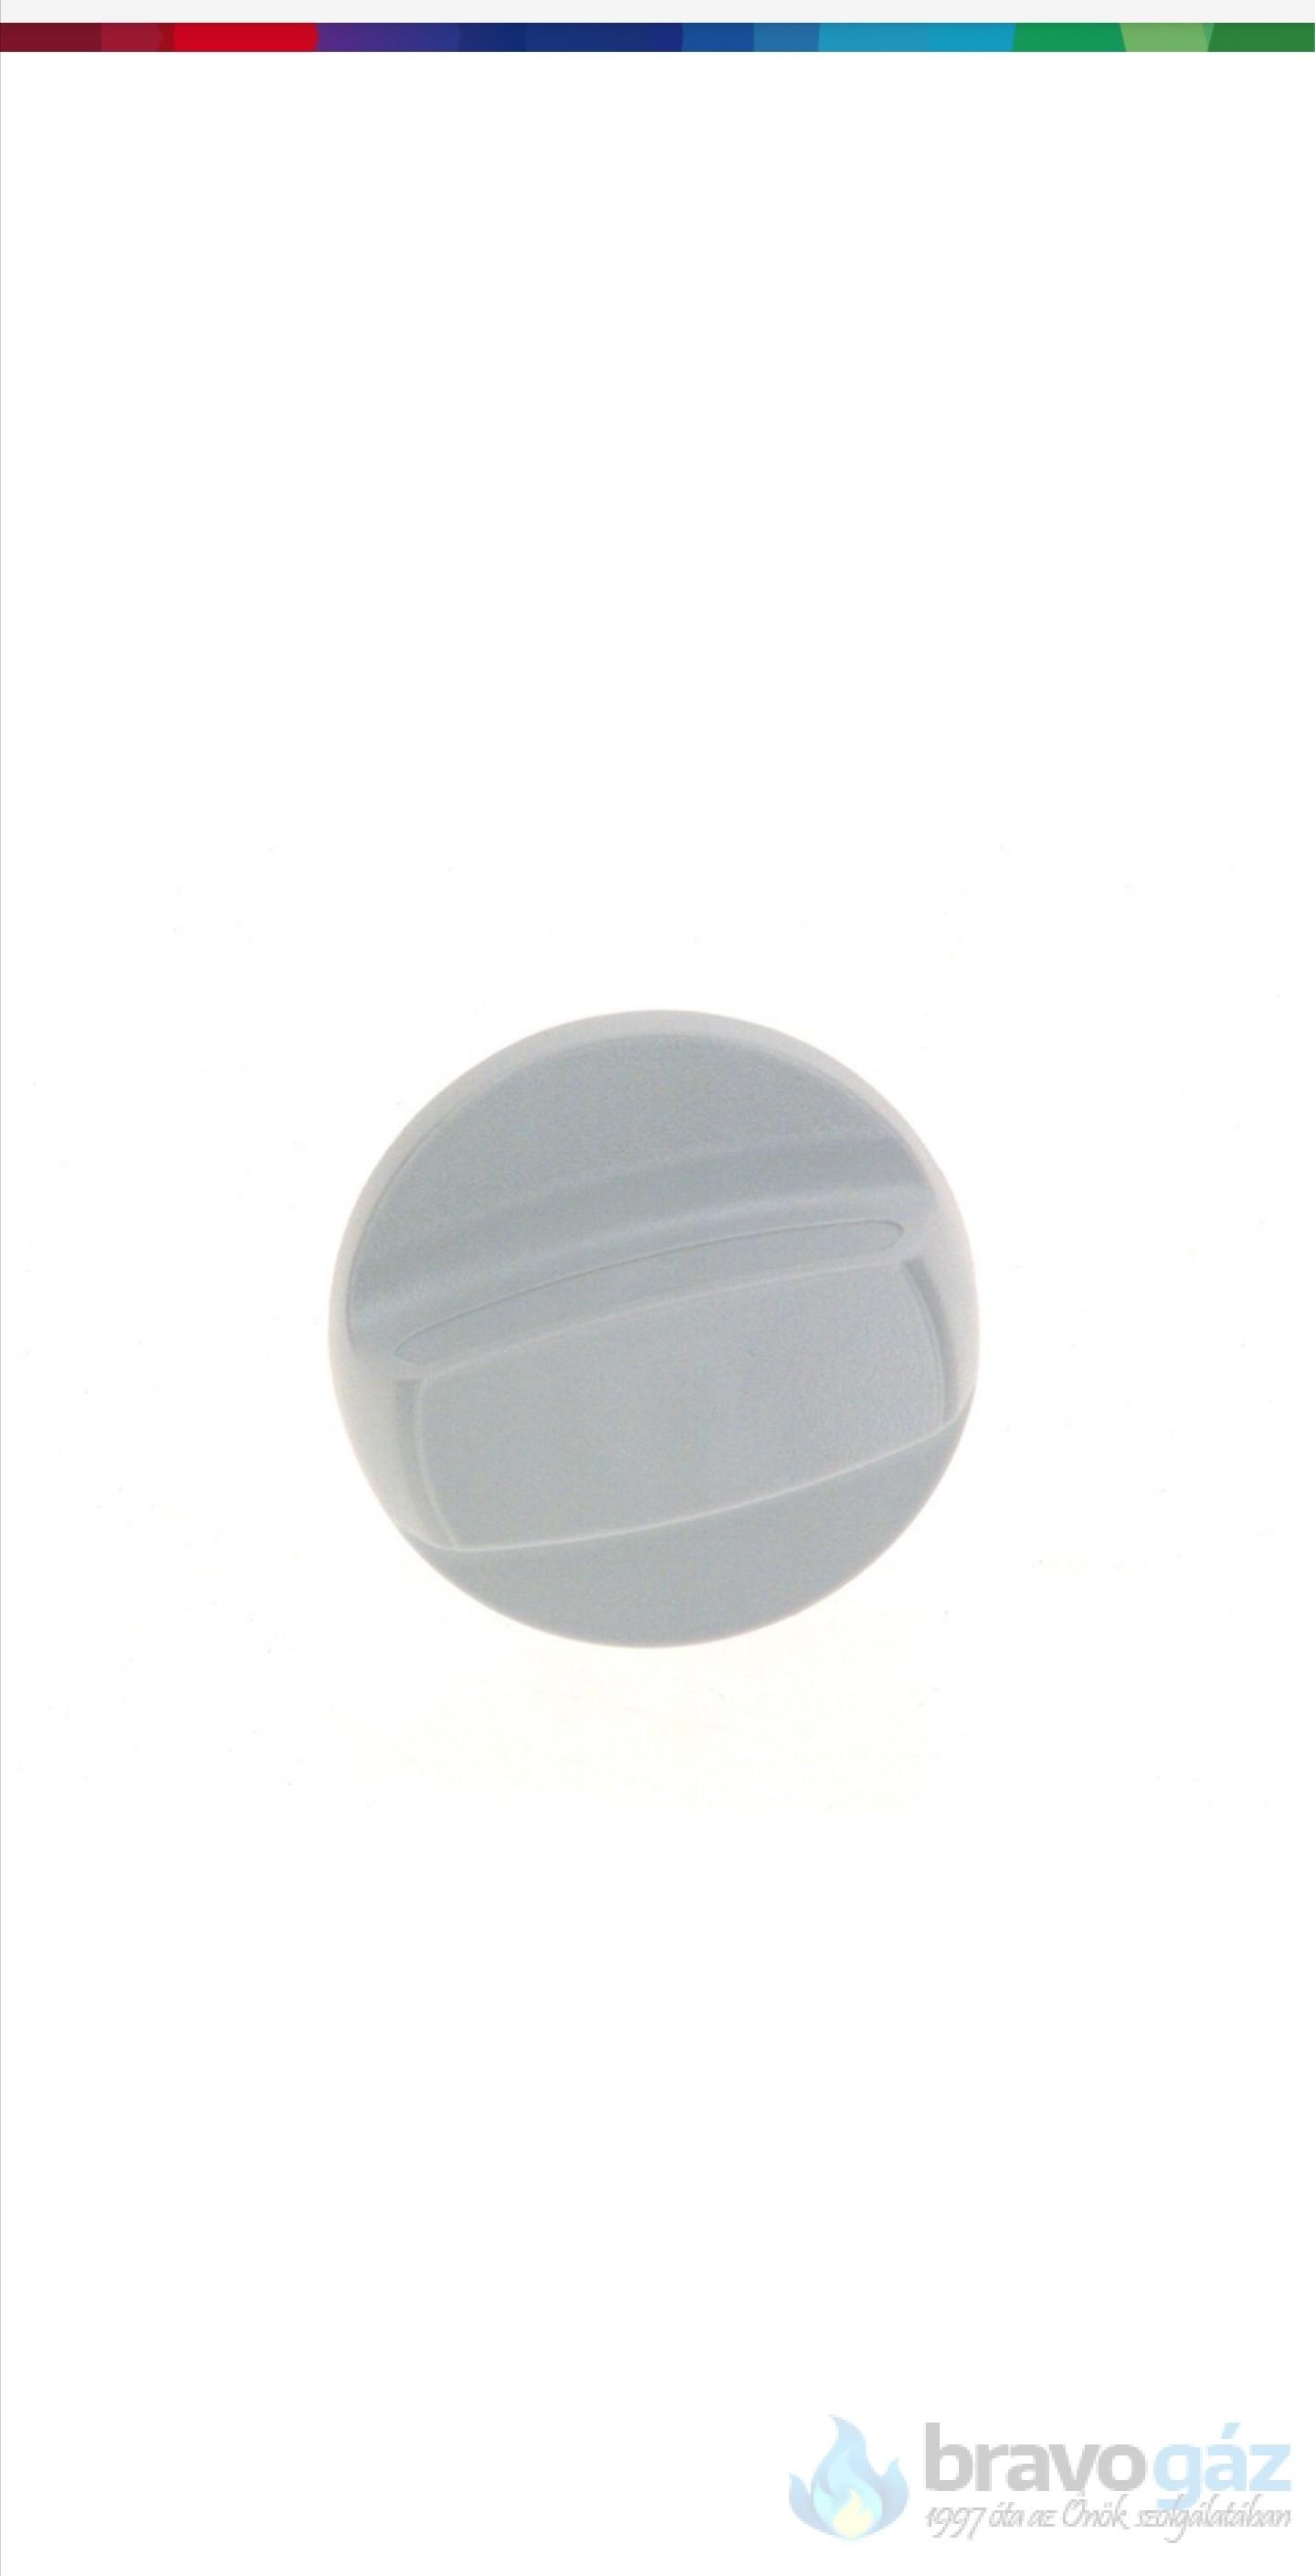 Bosch Gomb  (W 11-2P) - 87020002940